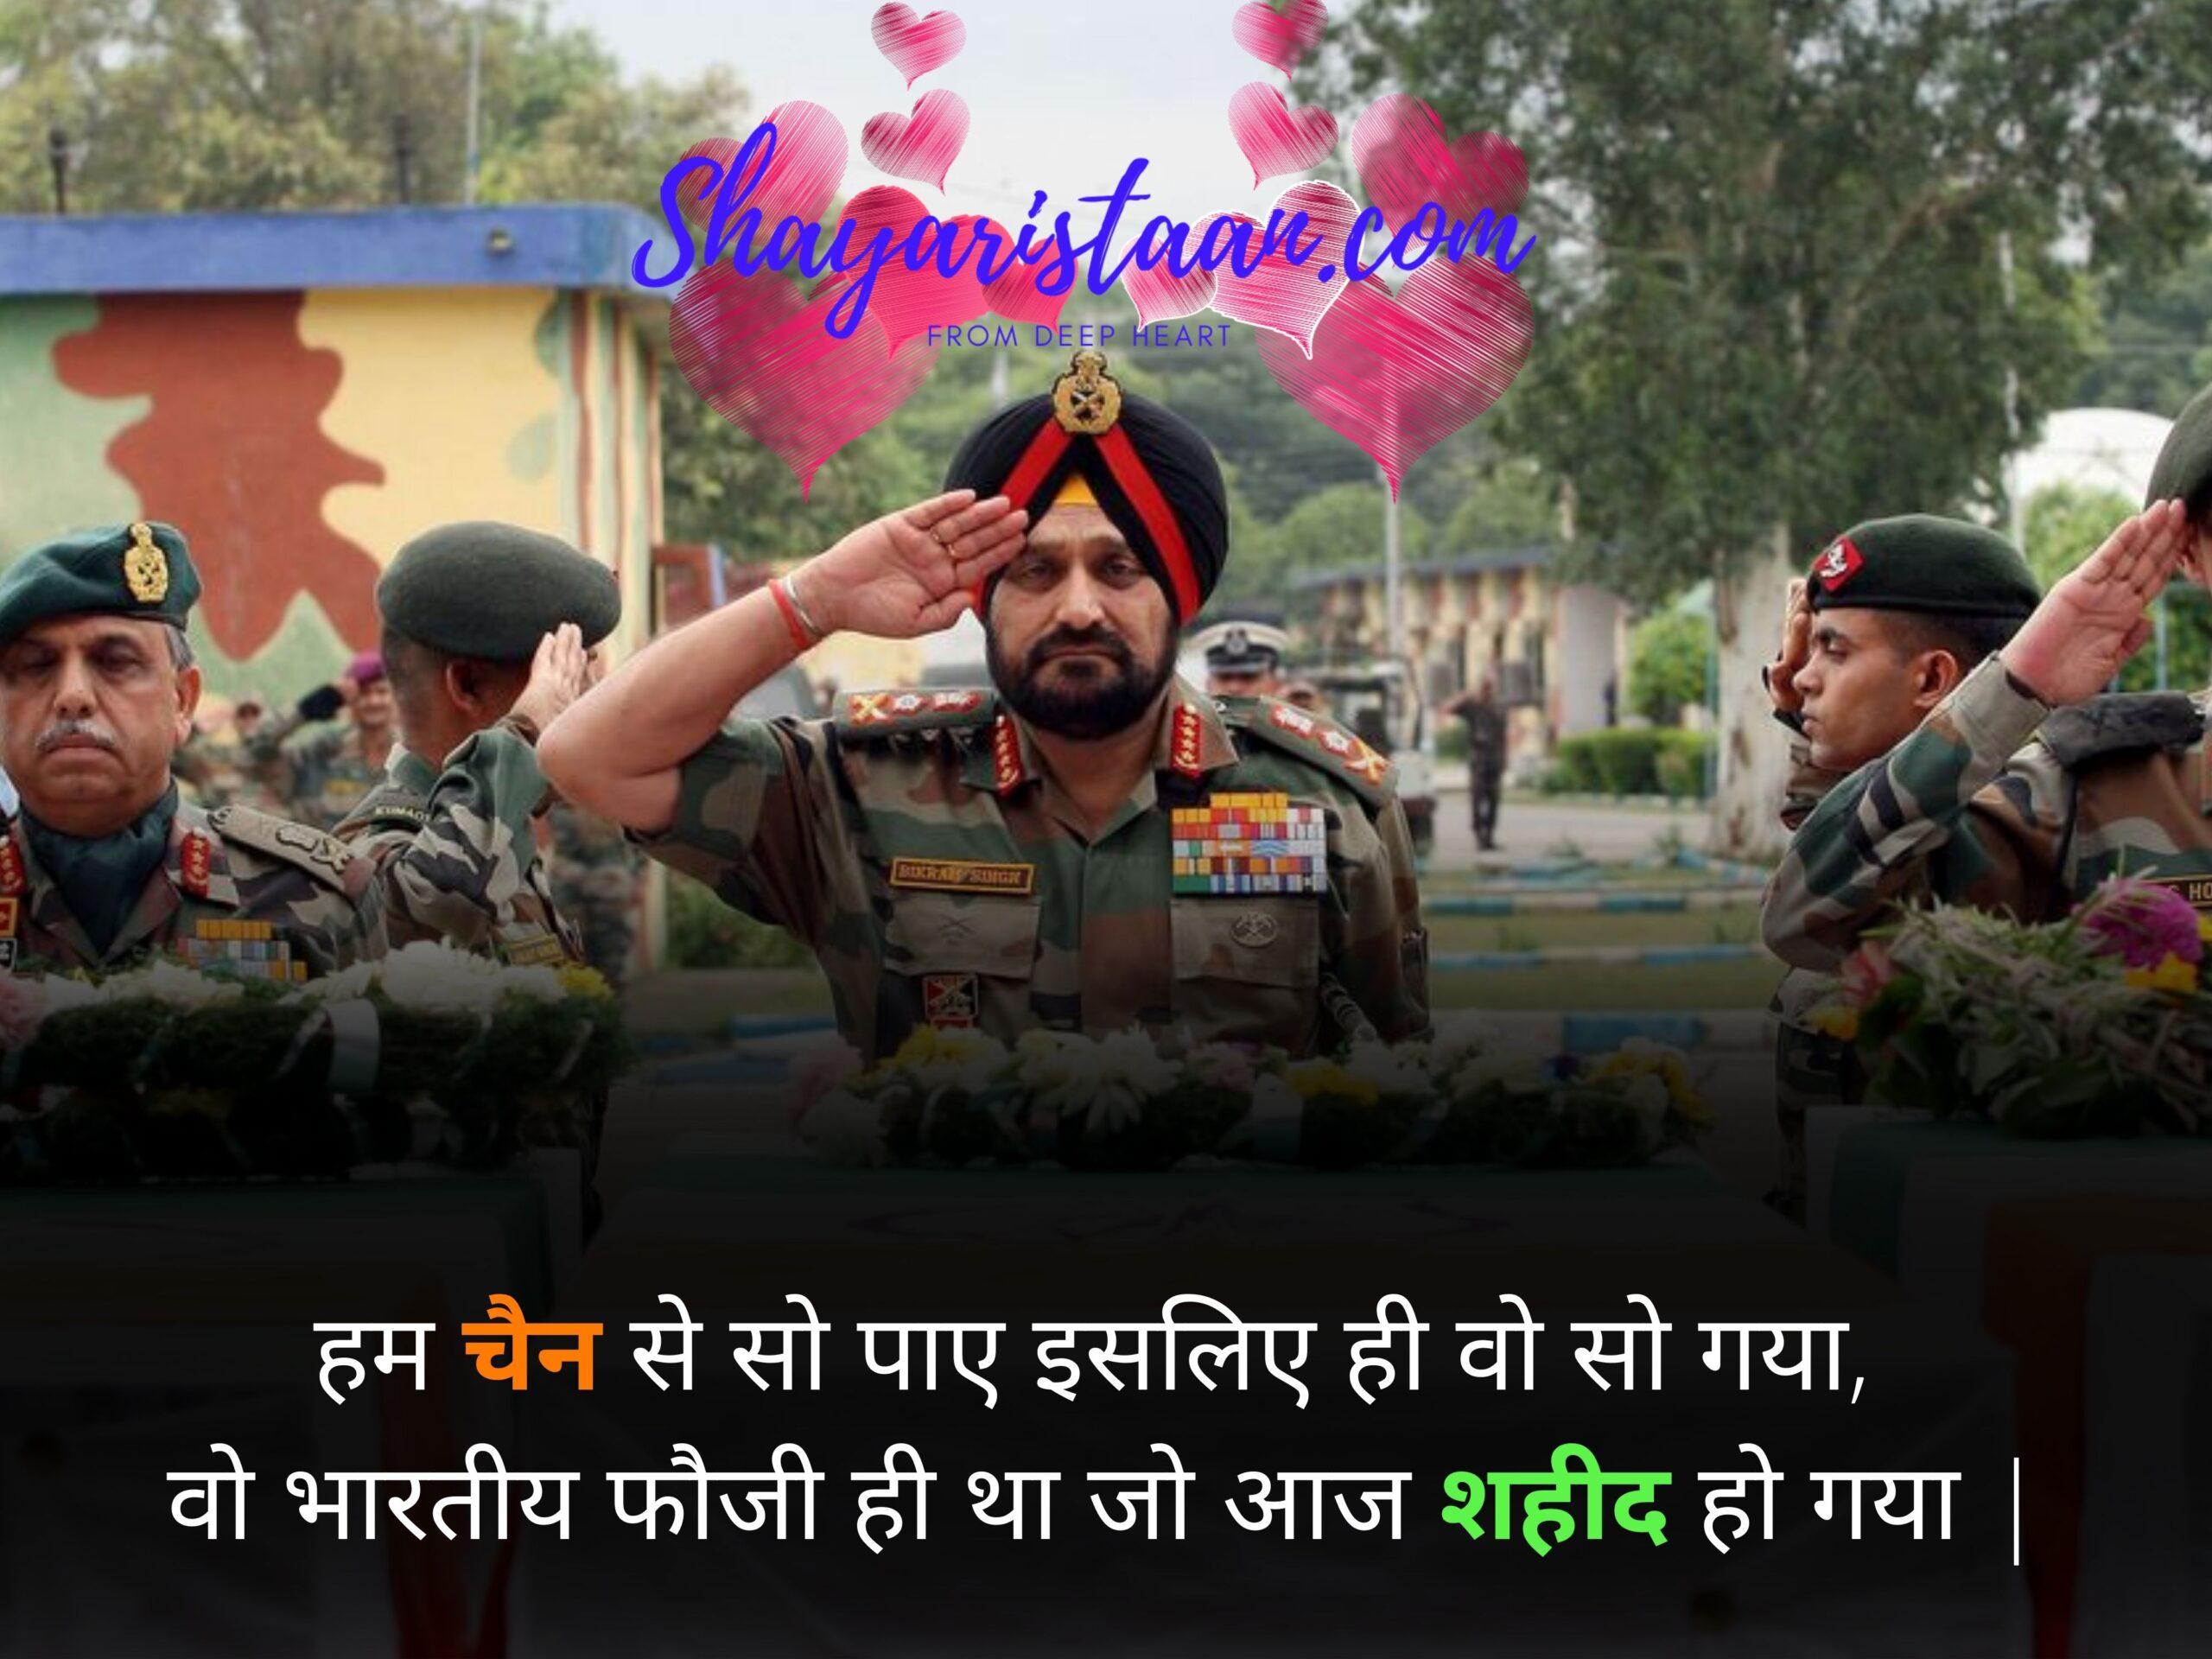 indian army shayari | हम चैन से सो पाए इसलिए ही वो सो गया, वो भारतीय फौजी ही था जो आज शहीद हो गया |